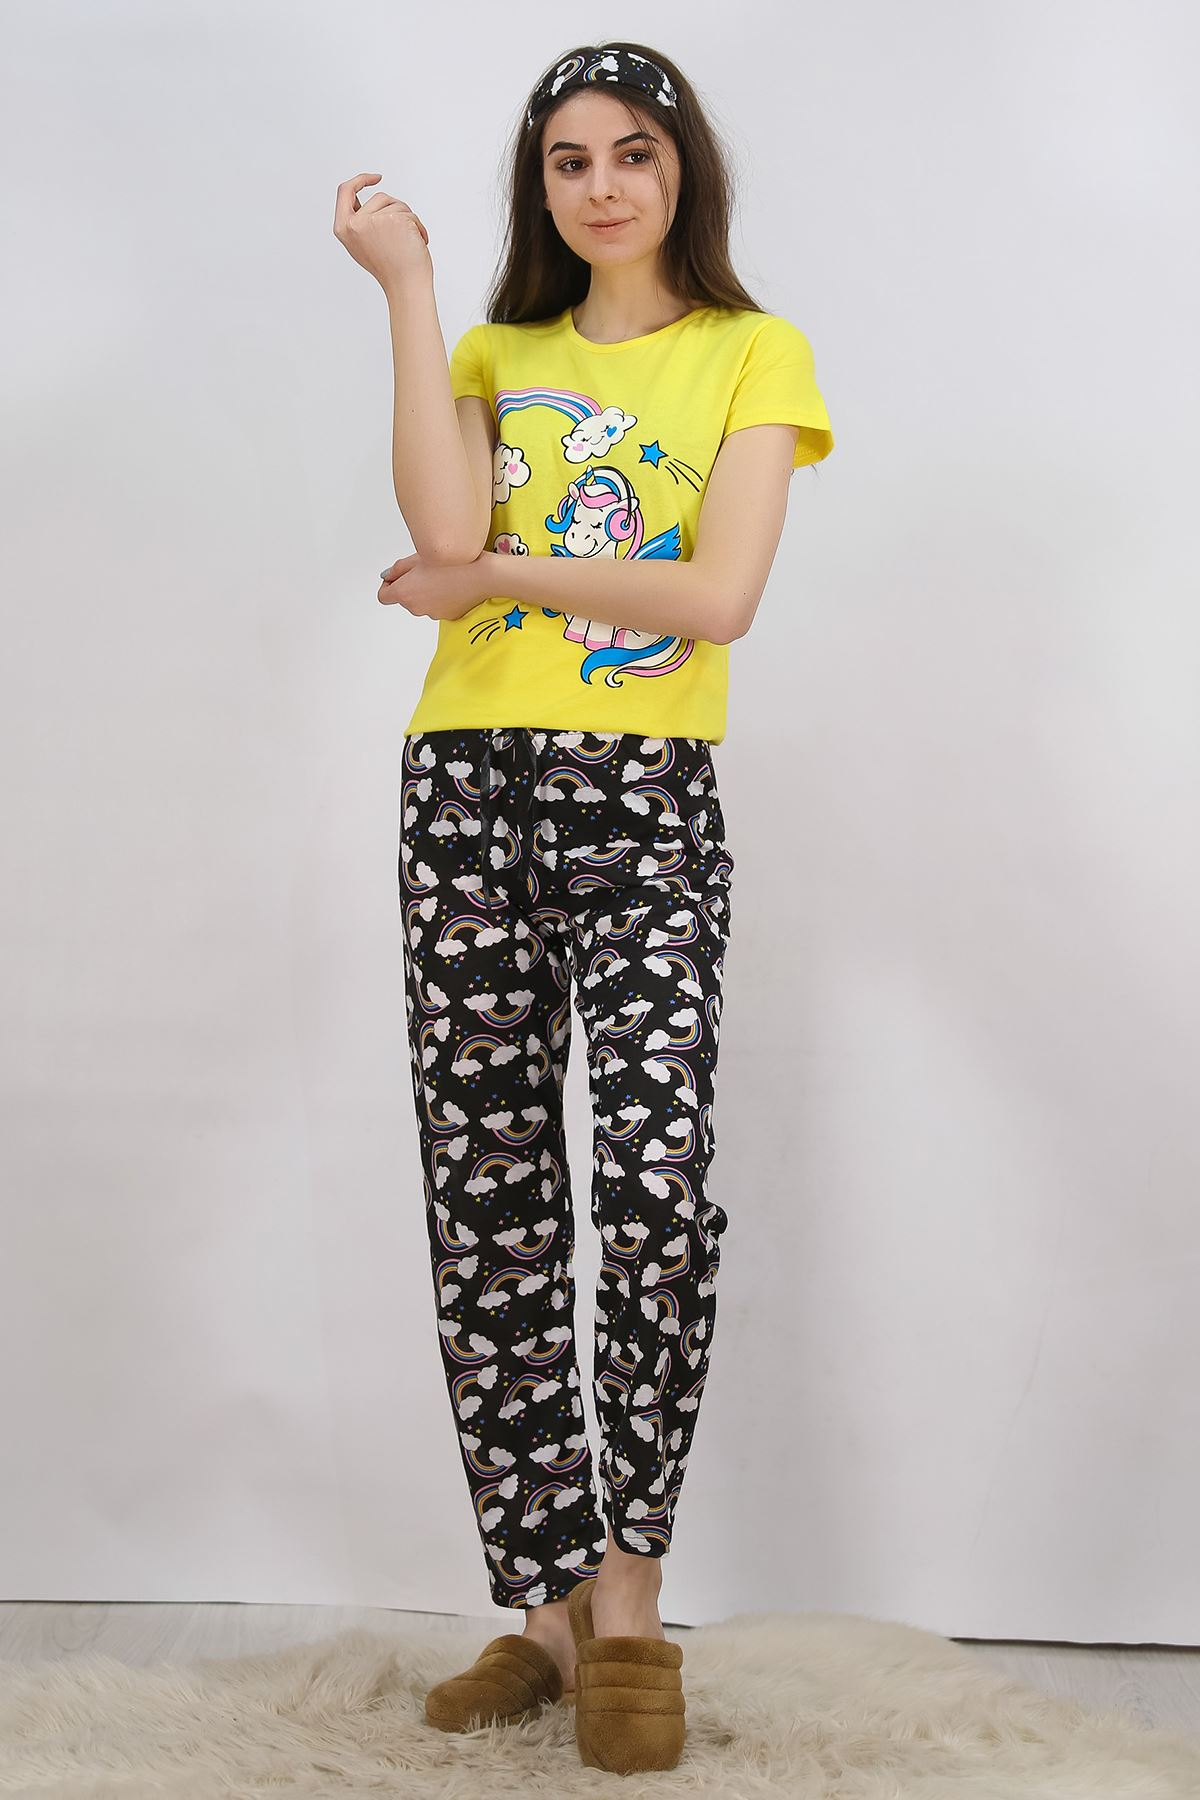 Baskılı Pijama Takımı Sarı - 4704.102.